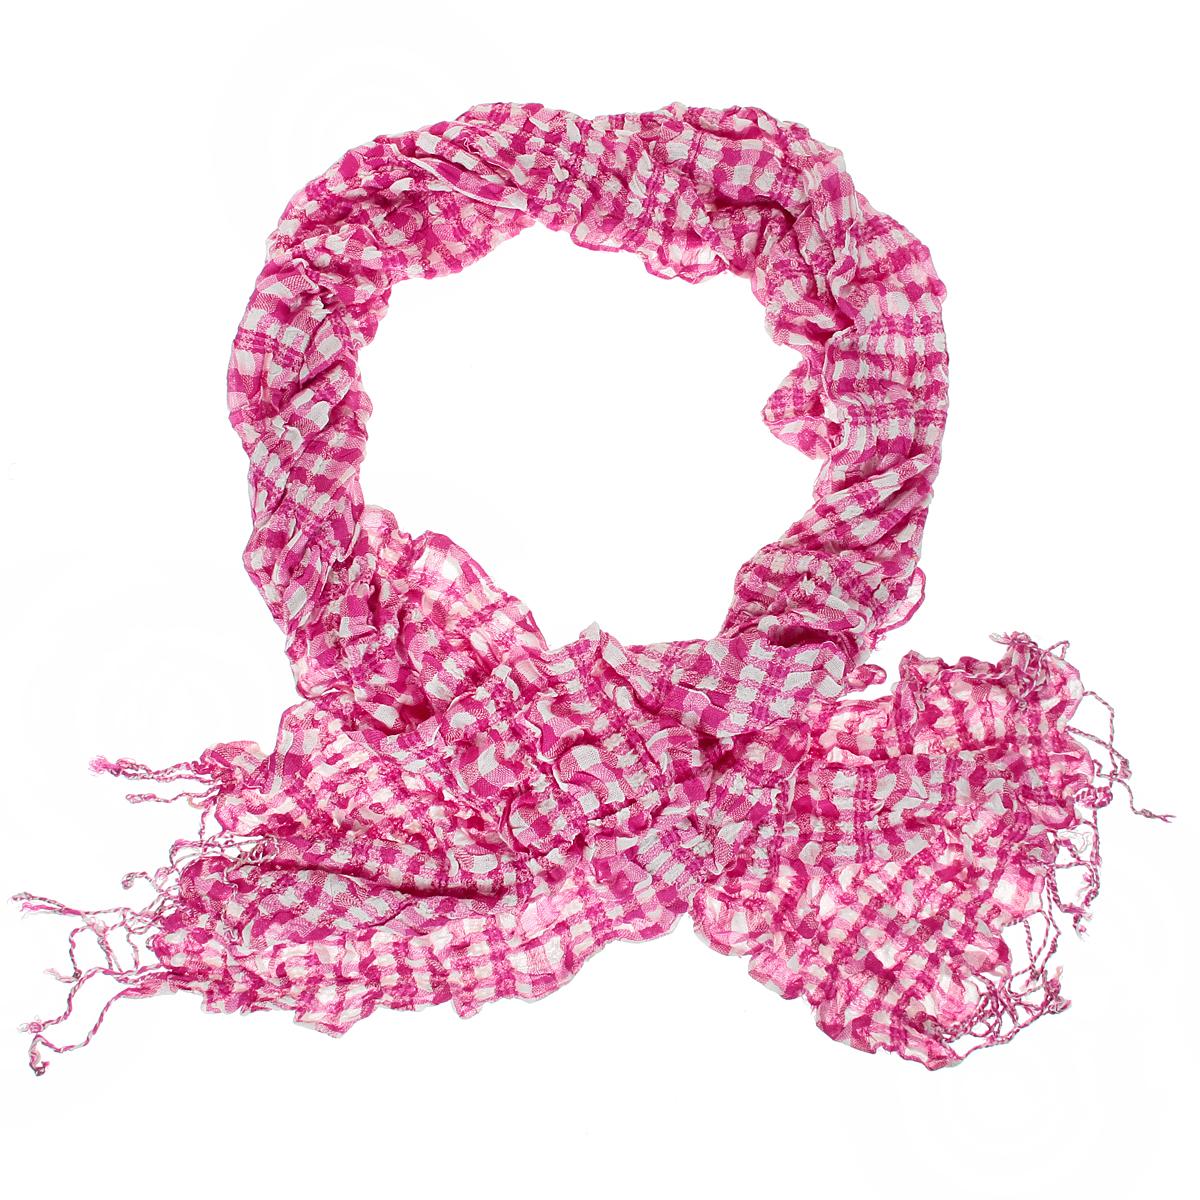 Шарф женский Ethnica, цвет: ярко-розовый, белый. 184090н. Размер 30 см х 150 см184090нЭлегантный женский шарф Ethnica подчеркнет ваш неповторимый образ. Он выполнен из мягкой вискозы жатой фактуры и оформлен принтом в клетку. По краям модель декорирована кисточками, скрученными в жгутики.Этот модный аксессуар женского гардероба гармонично дополнит образ современной женщины, следящей за своим имиджем и стремящейся всегда оставаться стильной и элегантной.